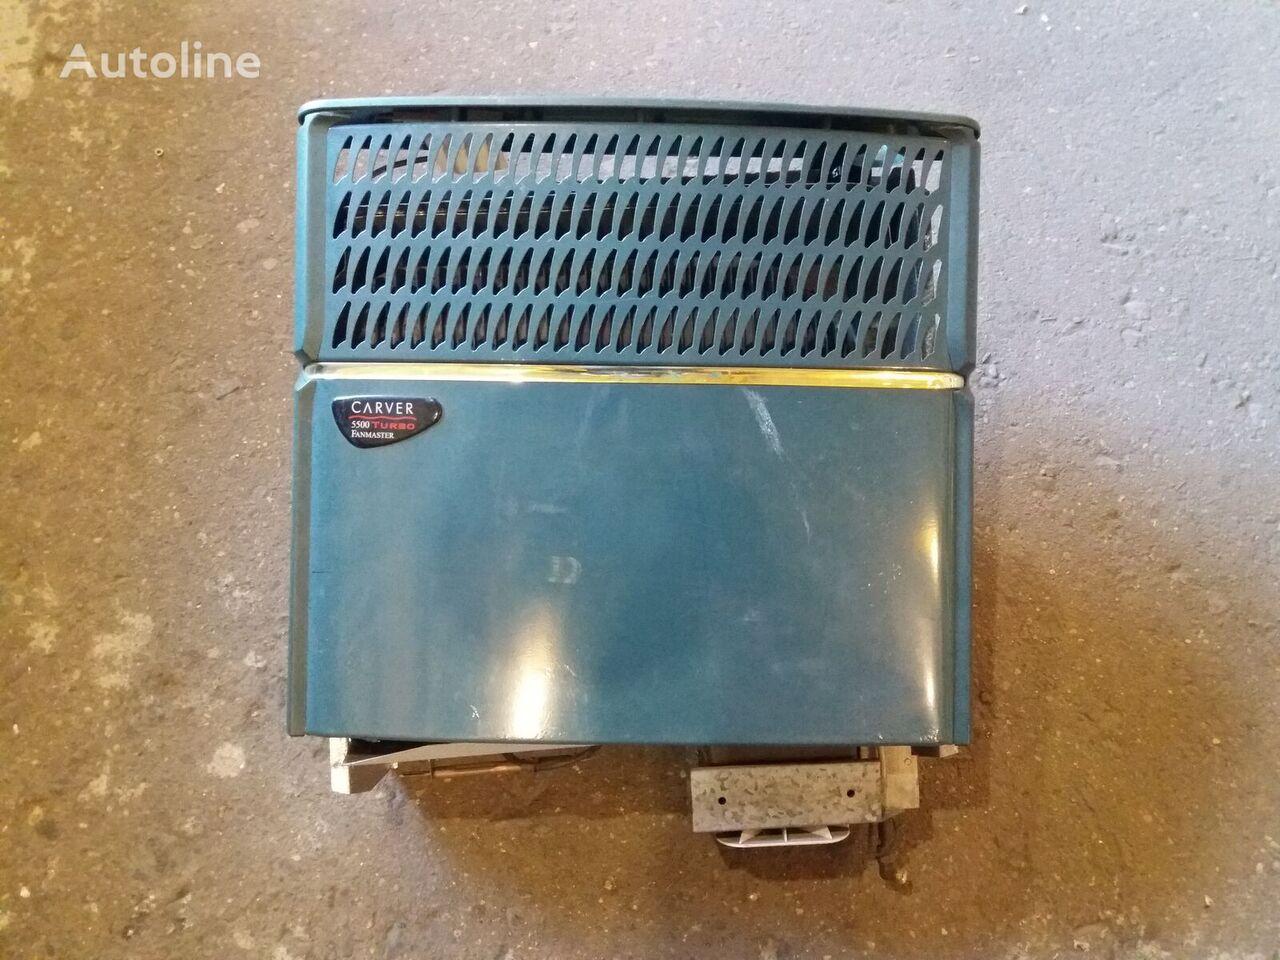 радиатор печки Обогреватель CARVER 5500 для кемпера